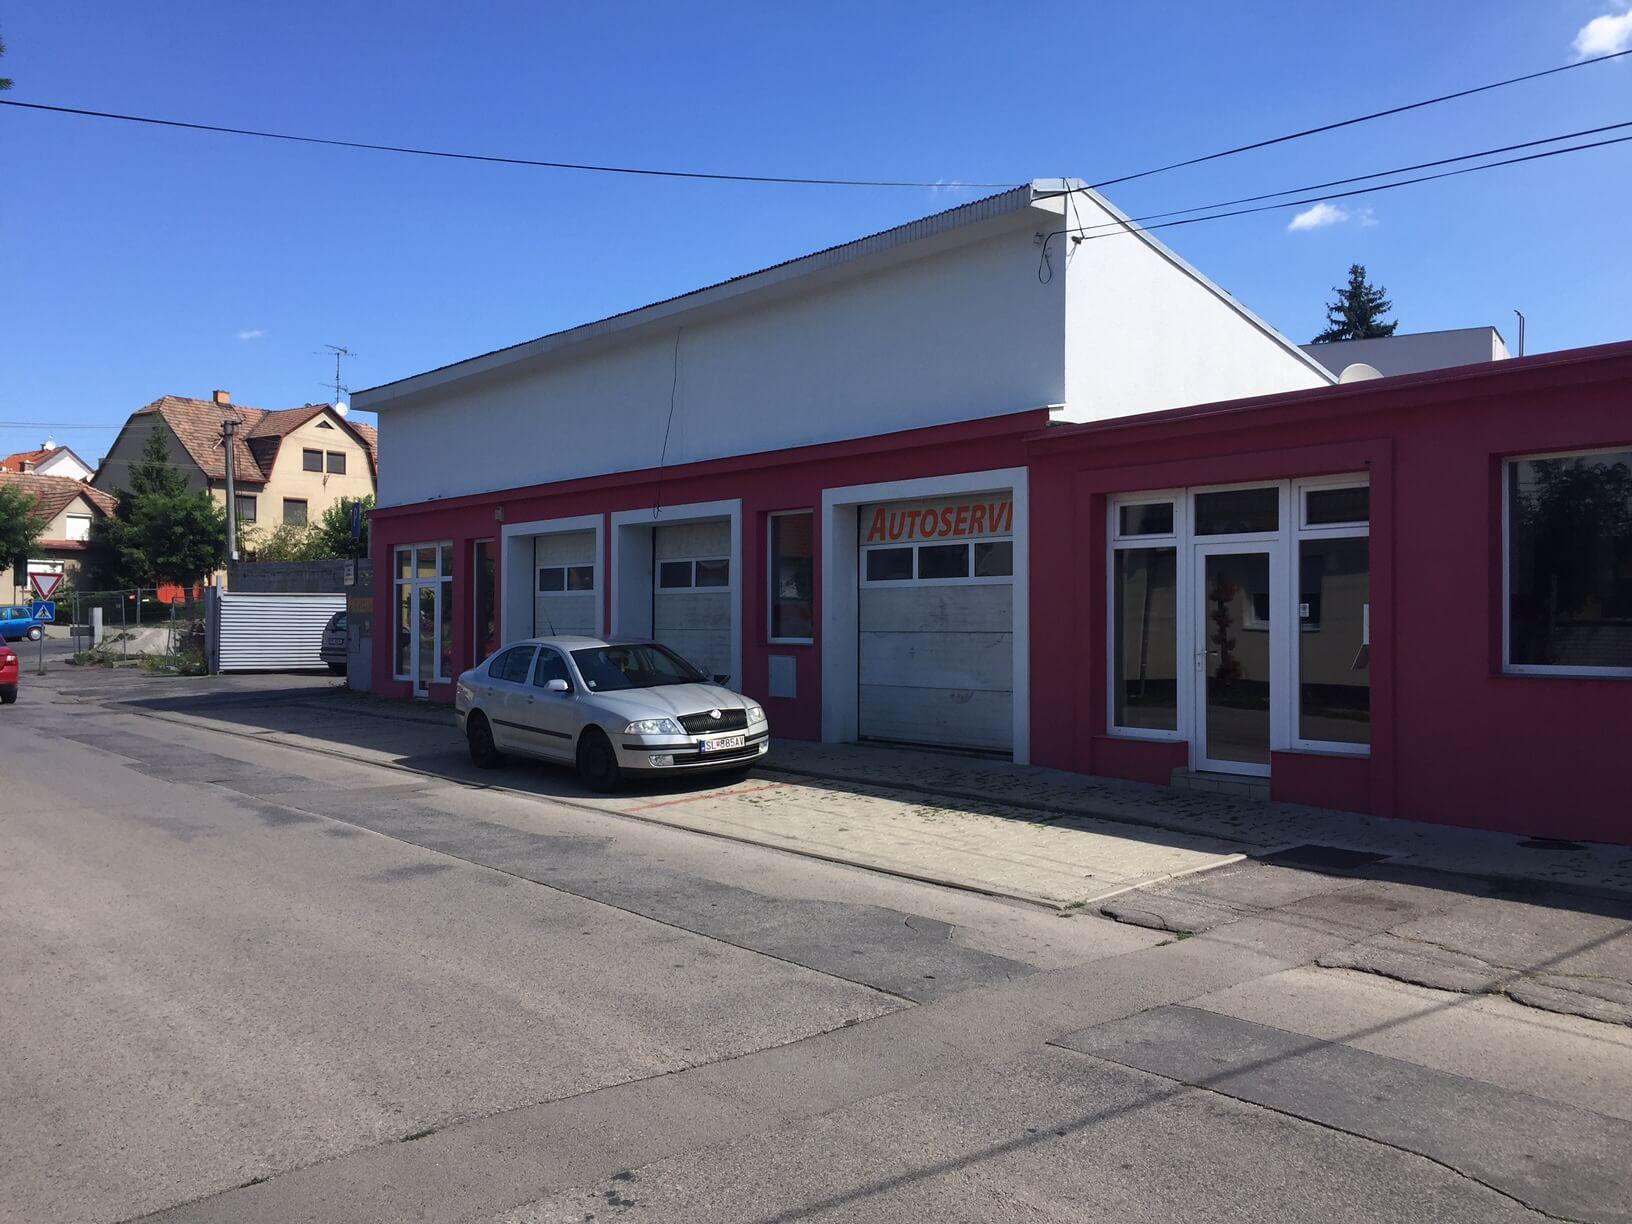 Predané: Predaj obchodného priestoru, najlepšie pre Autoservis, Pezinok, Ulica Mýtna/Šenkvická cesta. 240 m2-0